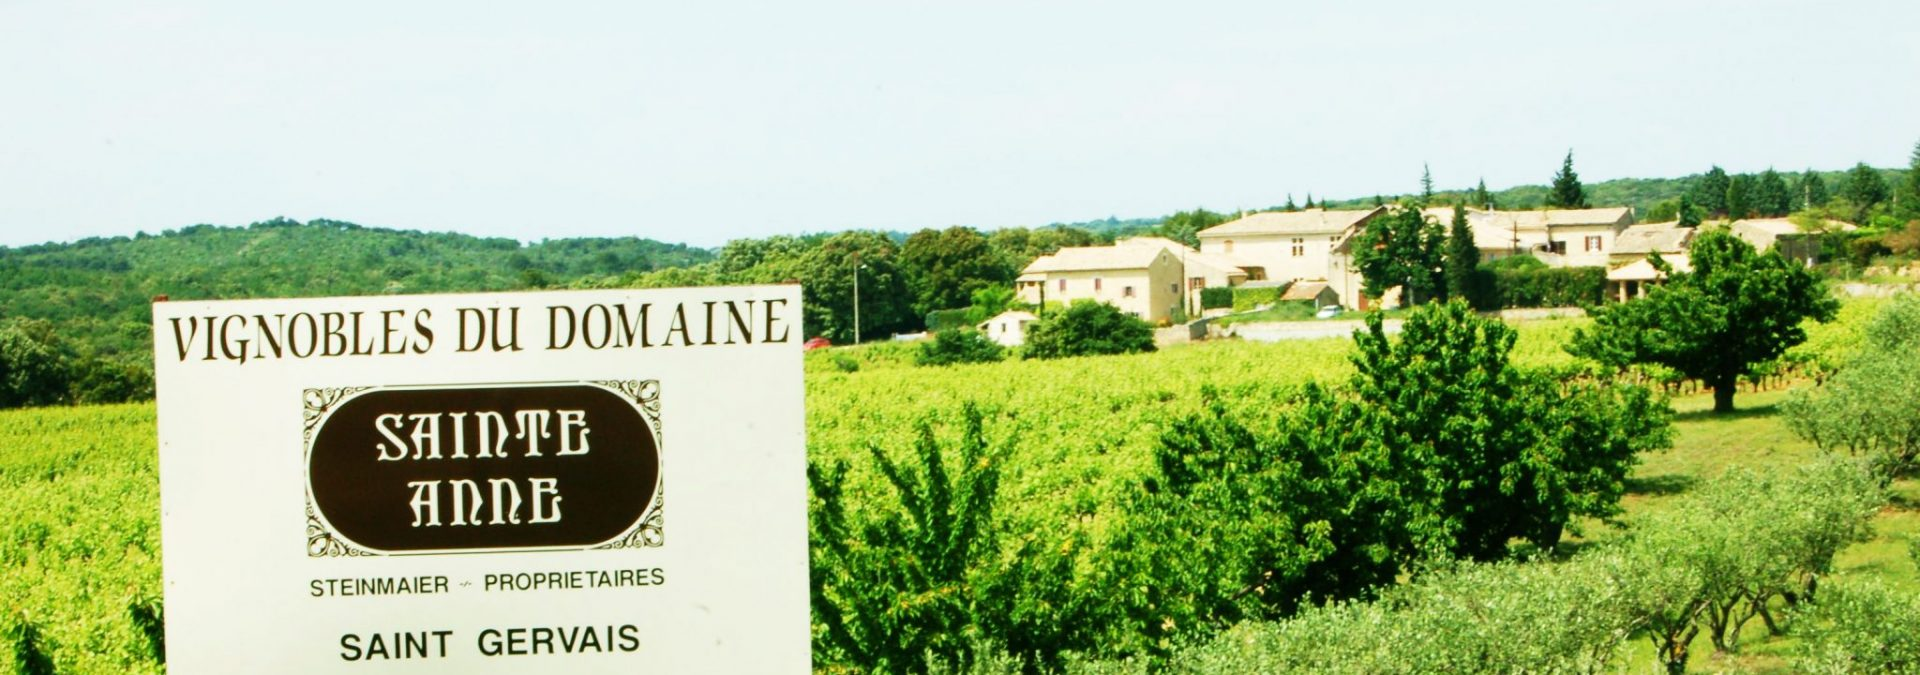 Domaine Sainte-Anne